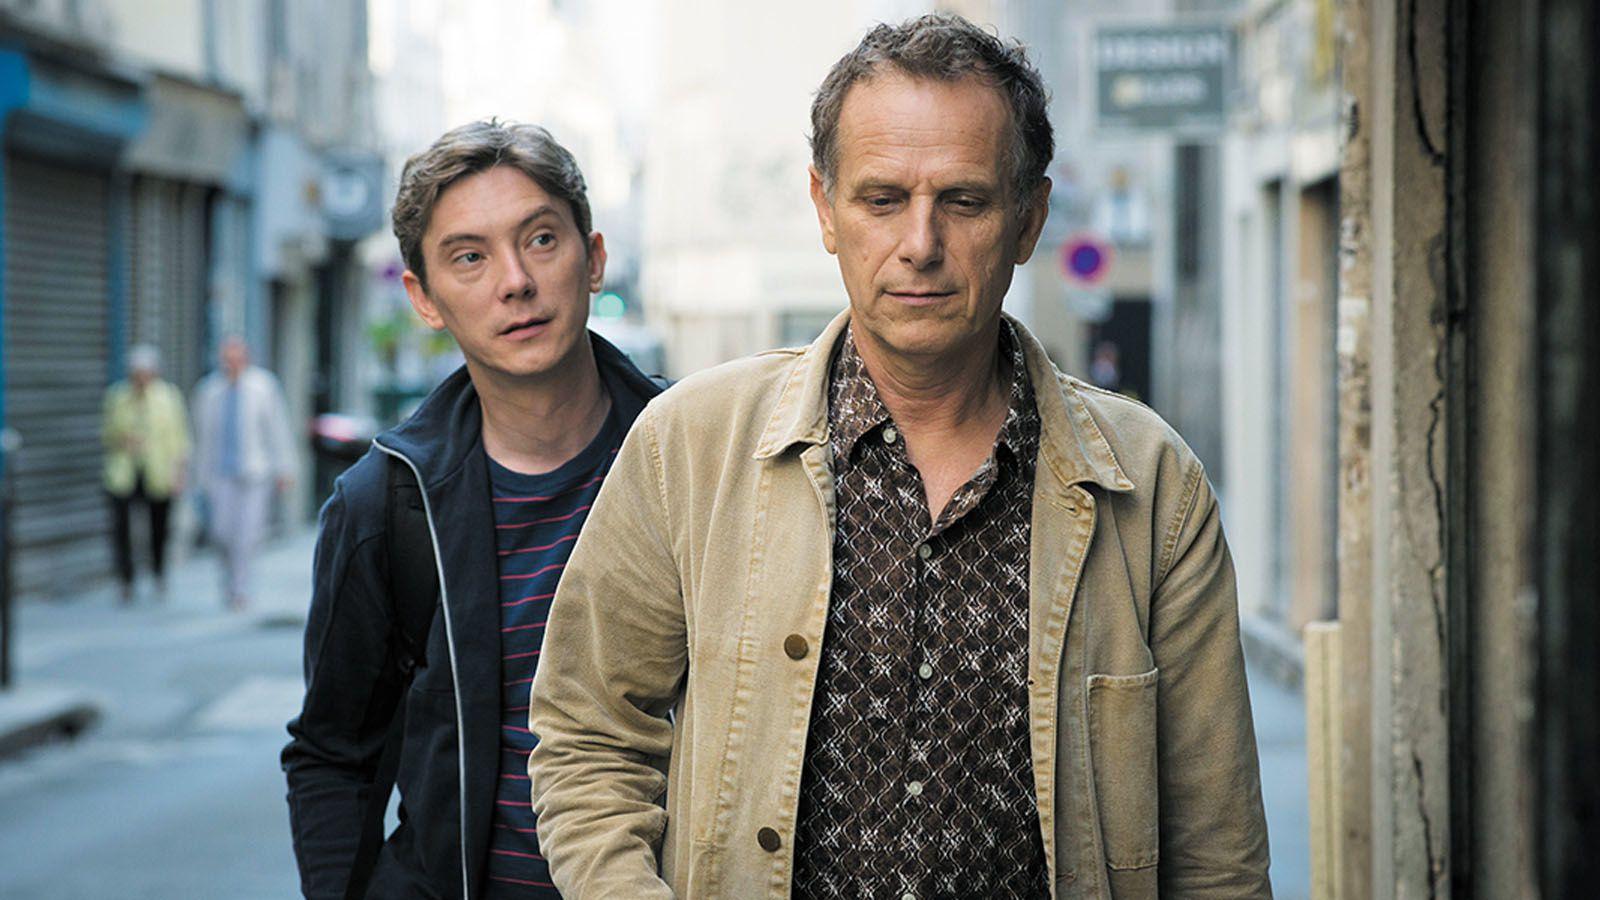 Un beau voyou (BANDE-ANNONCE) avec Charles Berling, Swann Arlaud - Le 2 janvier 2019 au cinéma